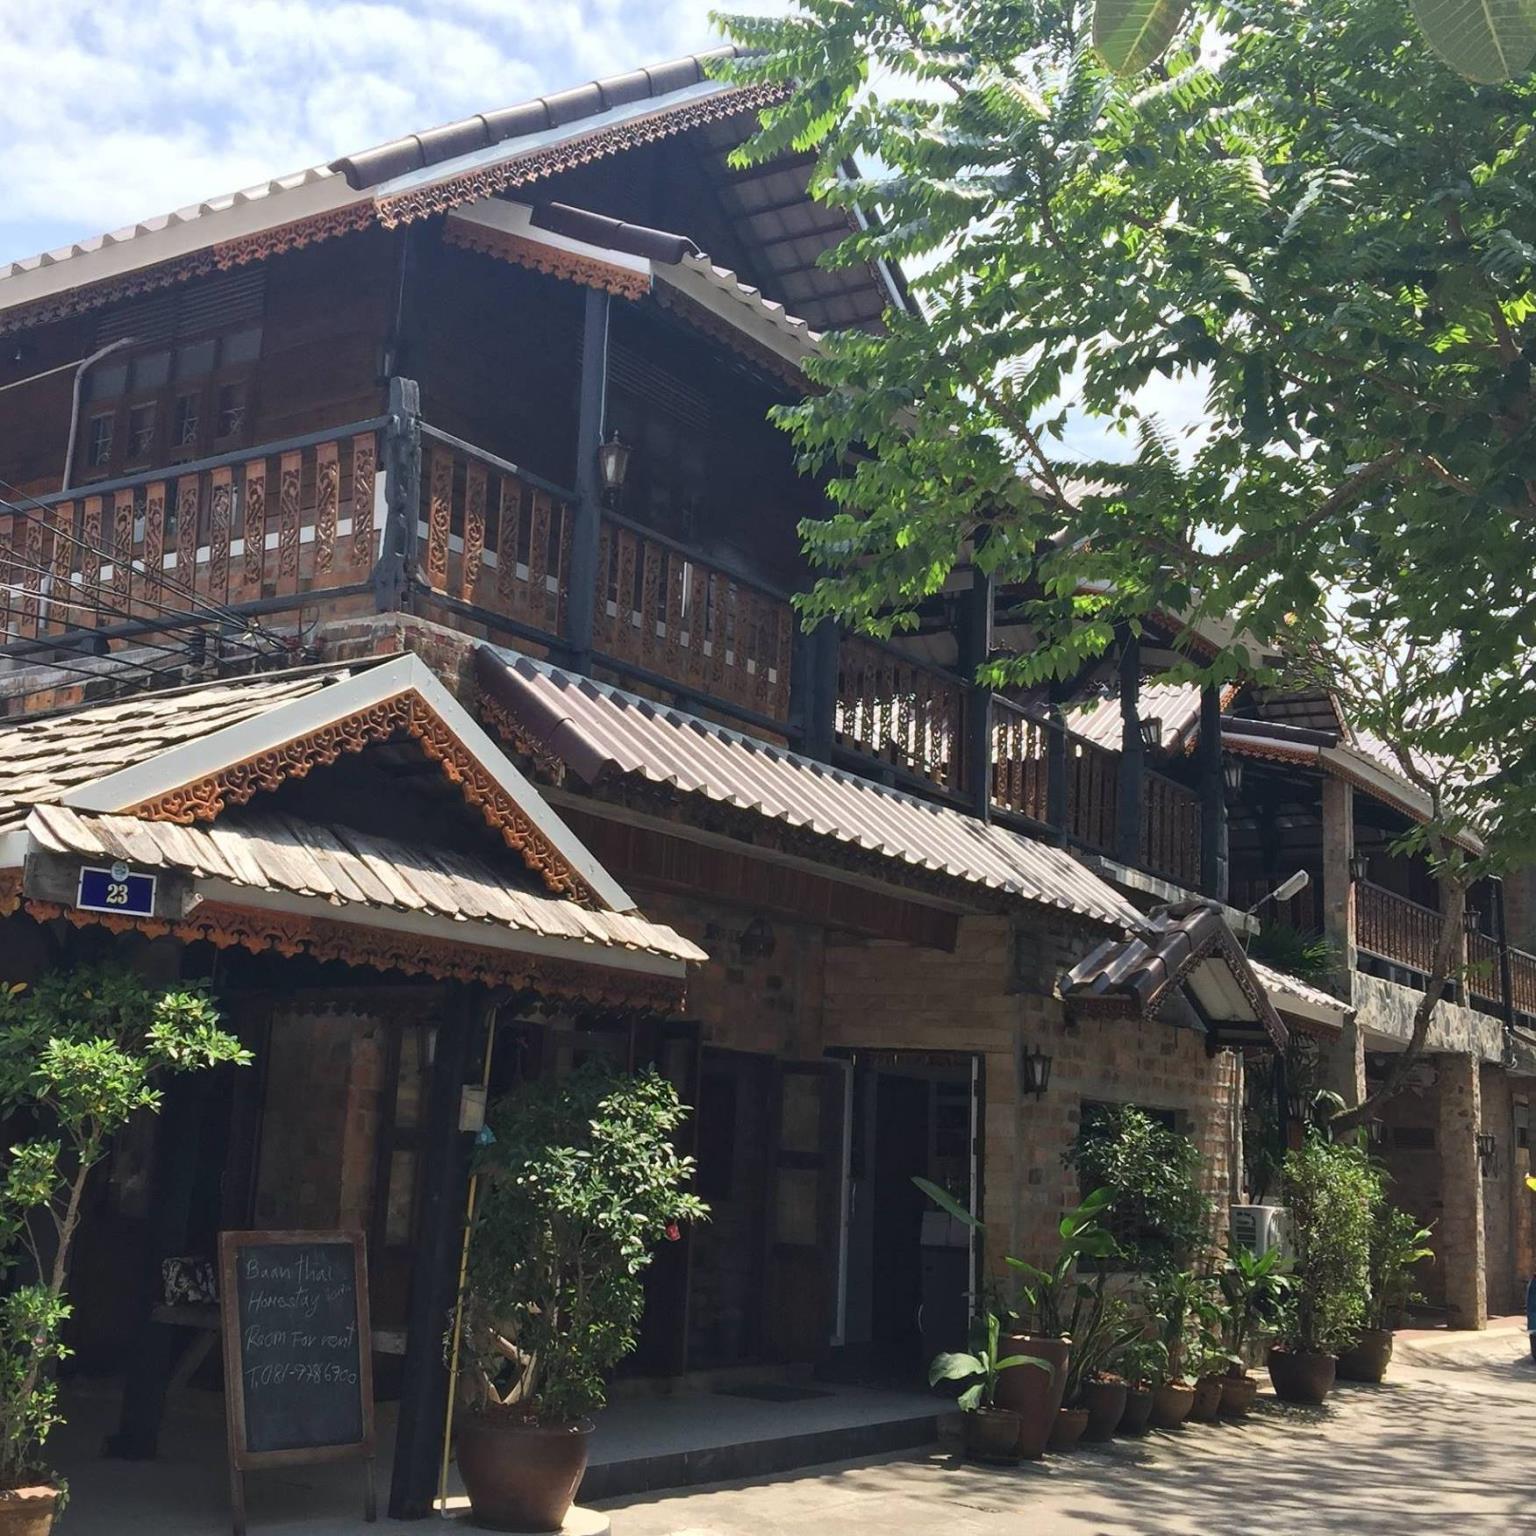 ubon massage kwan thai massage